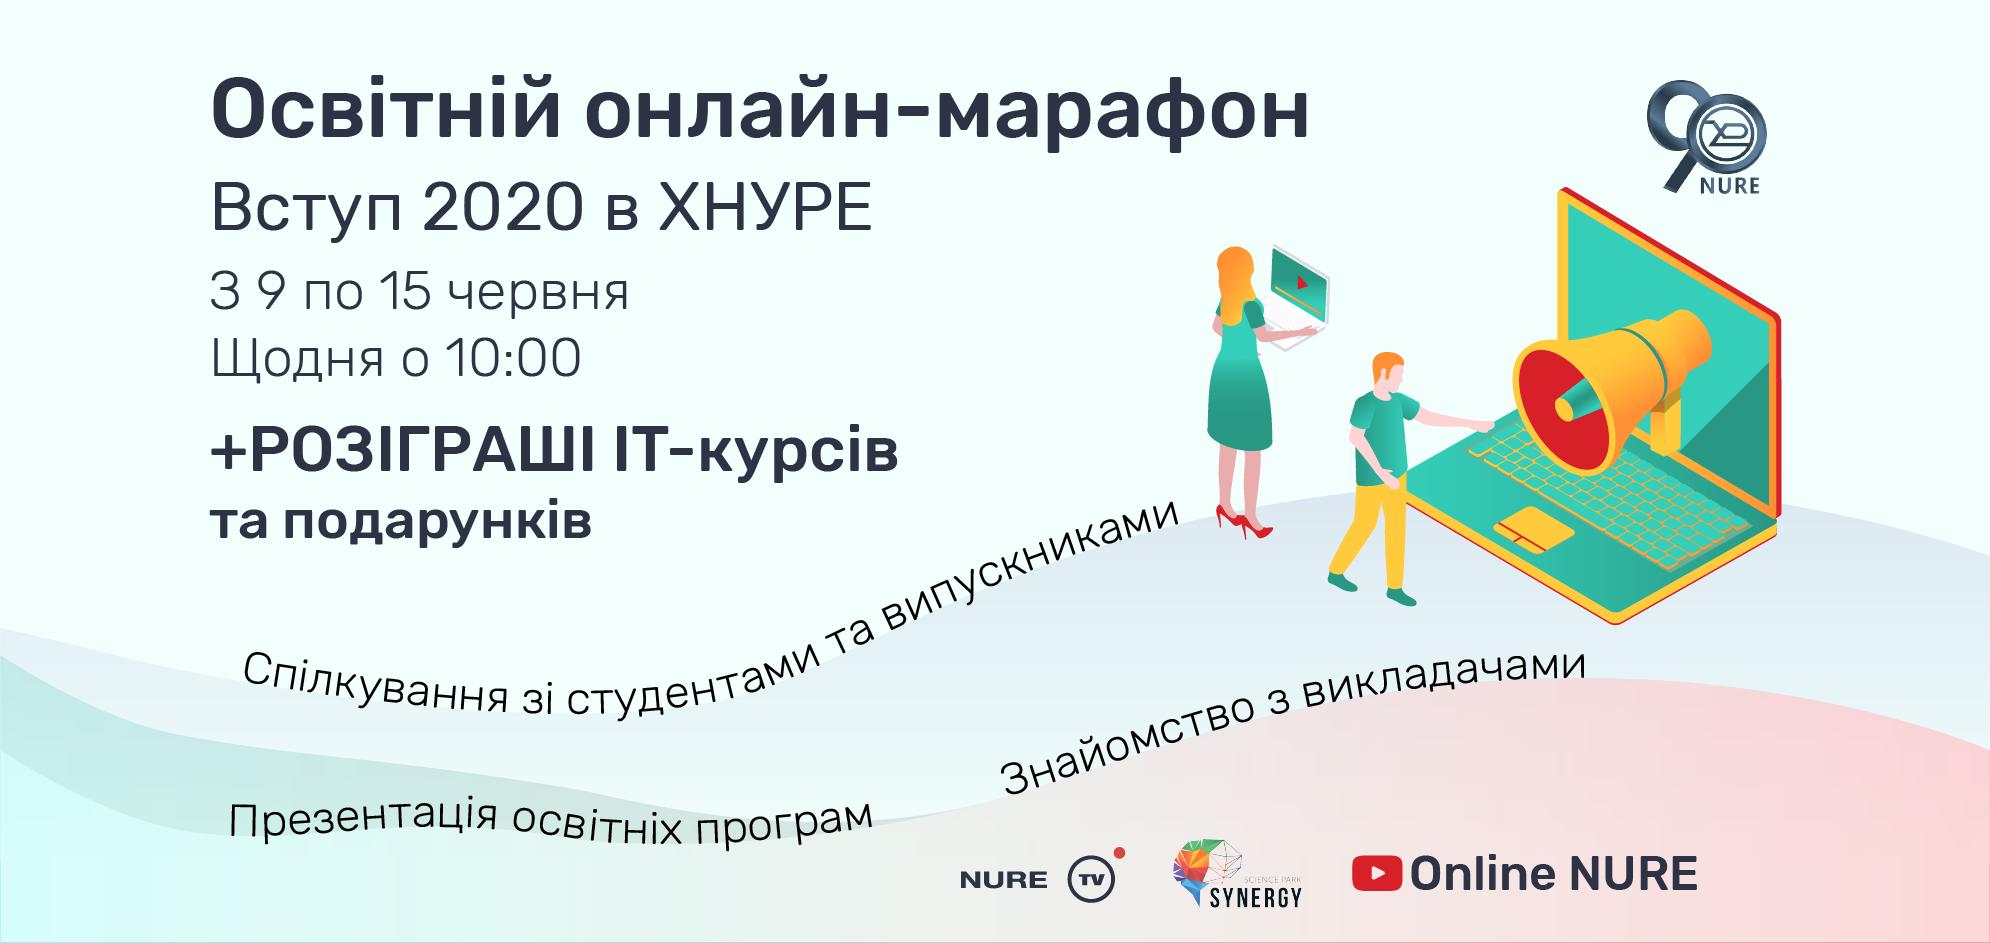 Освітнiй онлайн марафон «Вступ 2020 в ХНУРЕ»